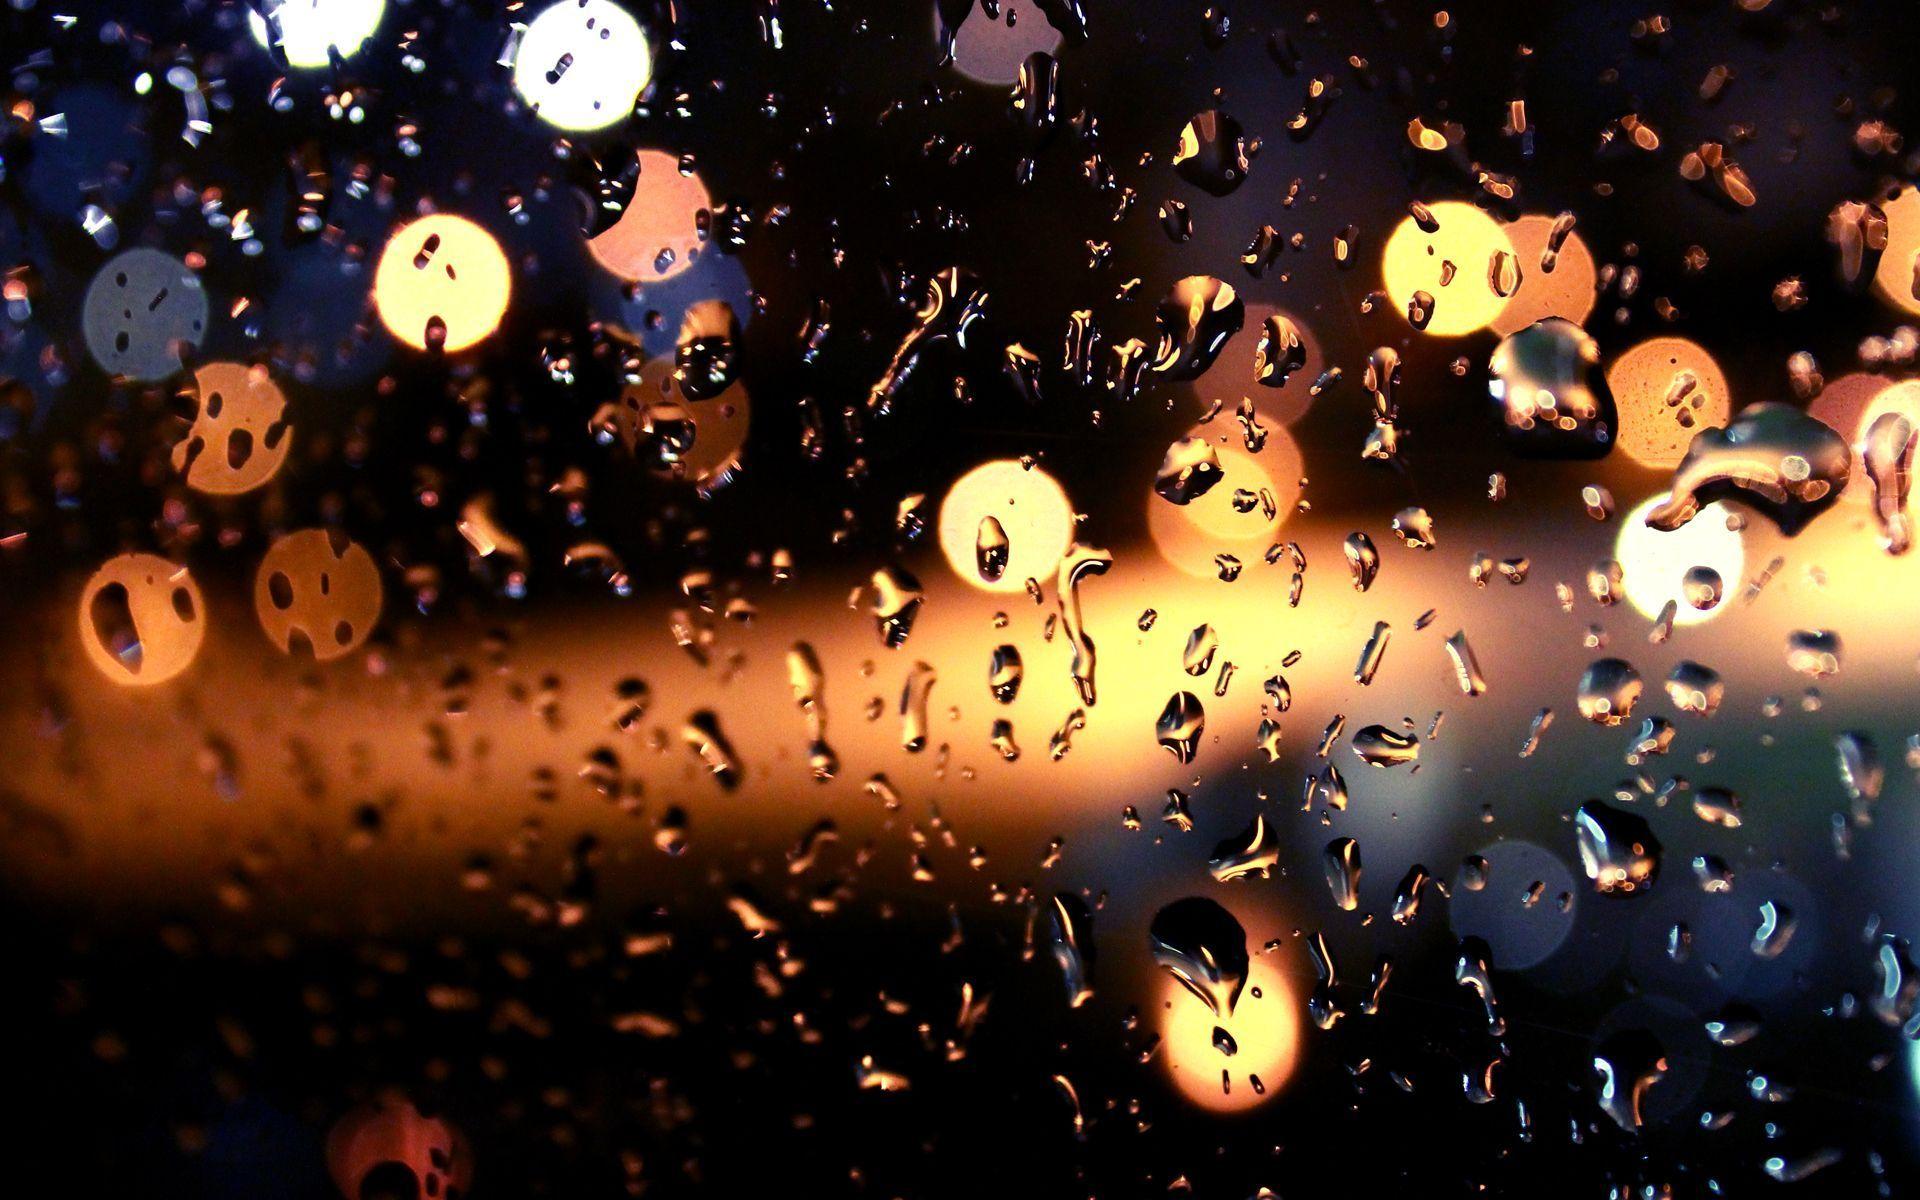 Rain Drops On The Window Wallpaper Bokeh Wallpaper Background Hd Wallpaper Lit Wallpaper